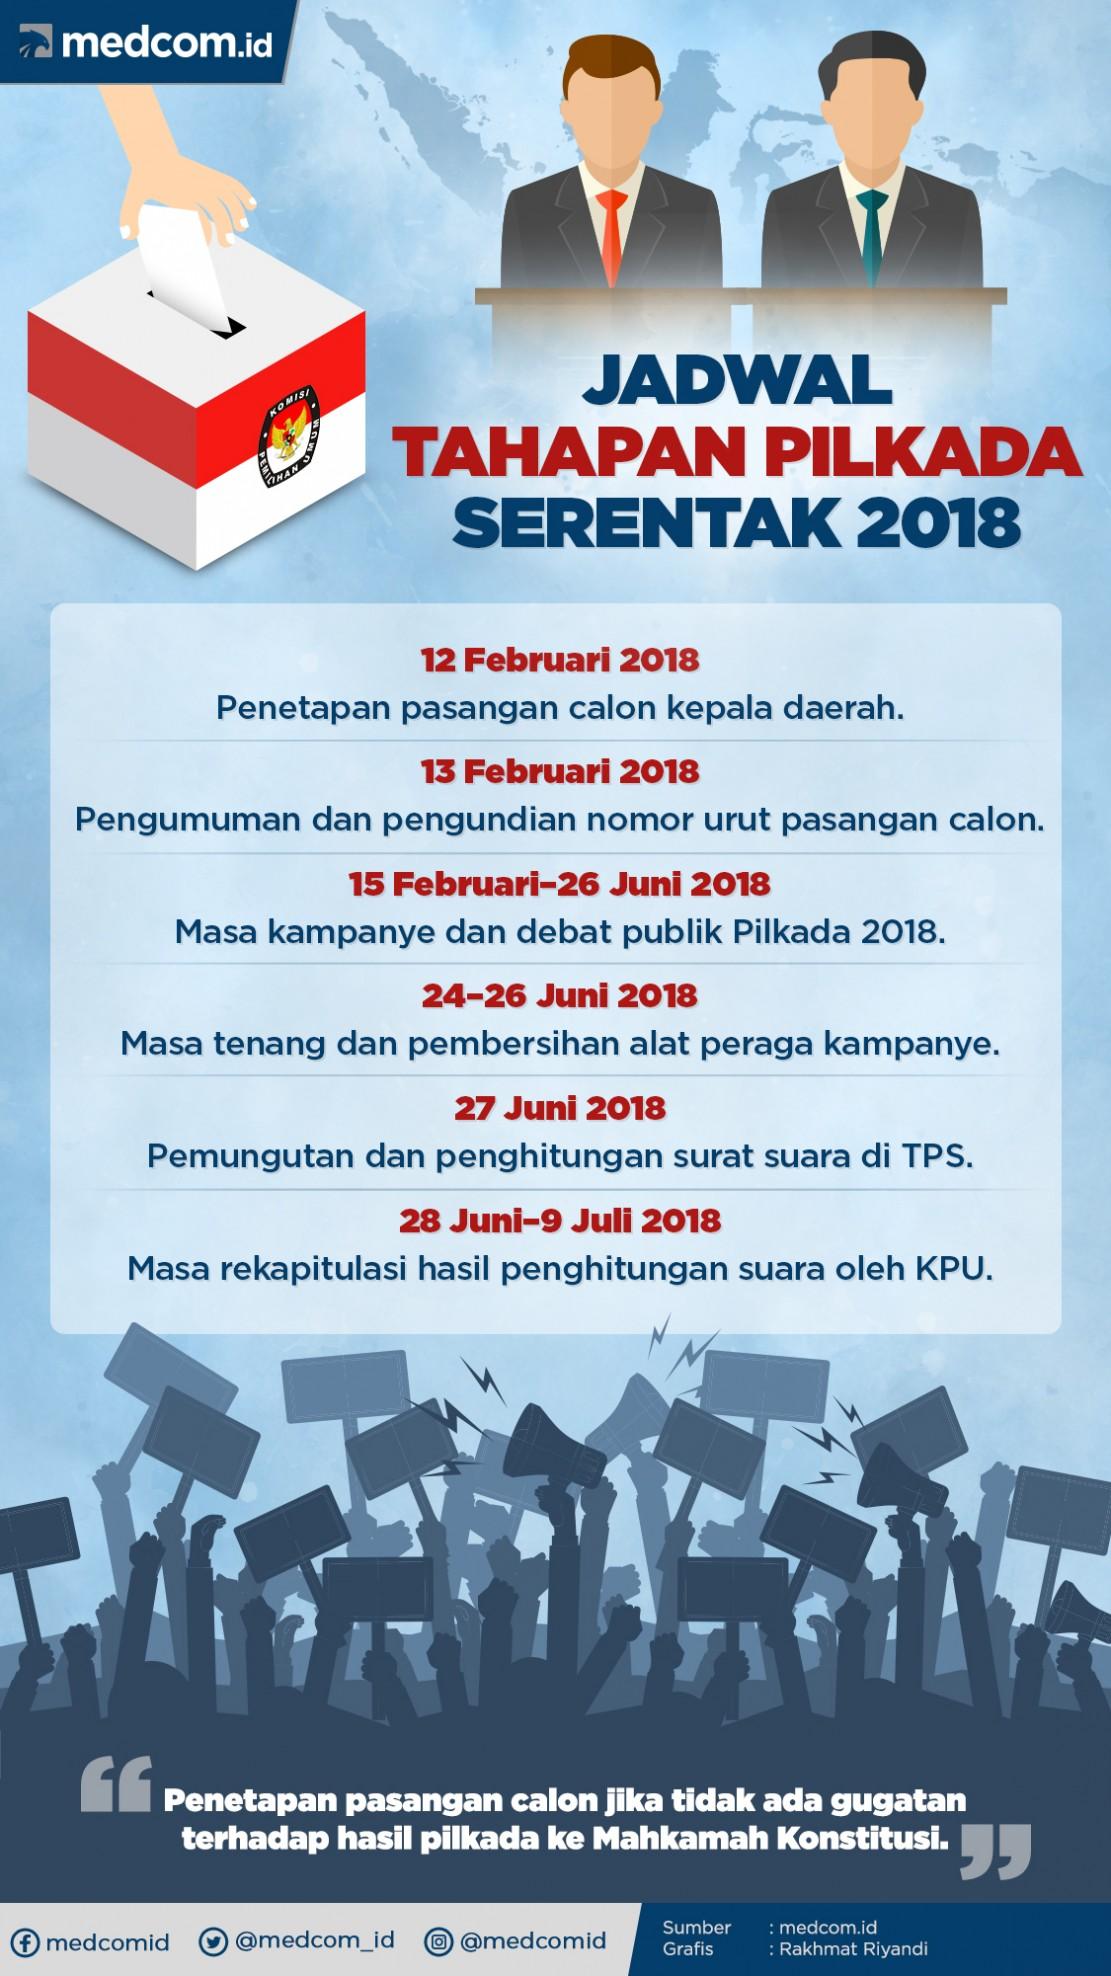 Infografis: Jadwal Tahapan Pilkada Serentak 2018